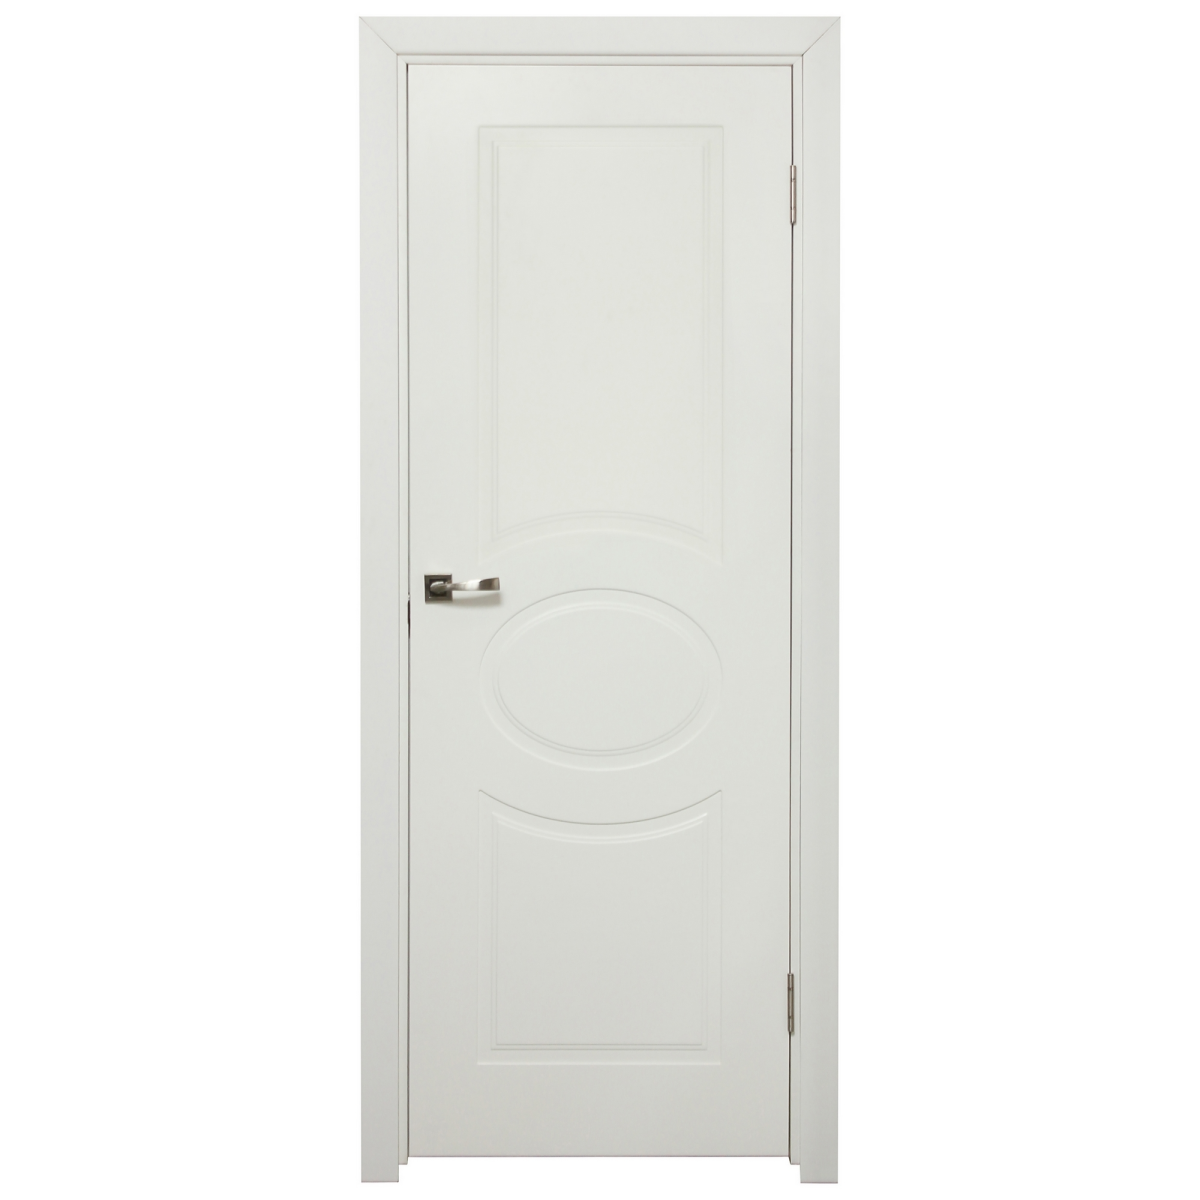 Дверь Межкомнатная Глухая Дэлия 60x200 Цвет Белый